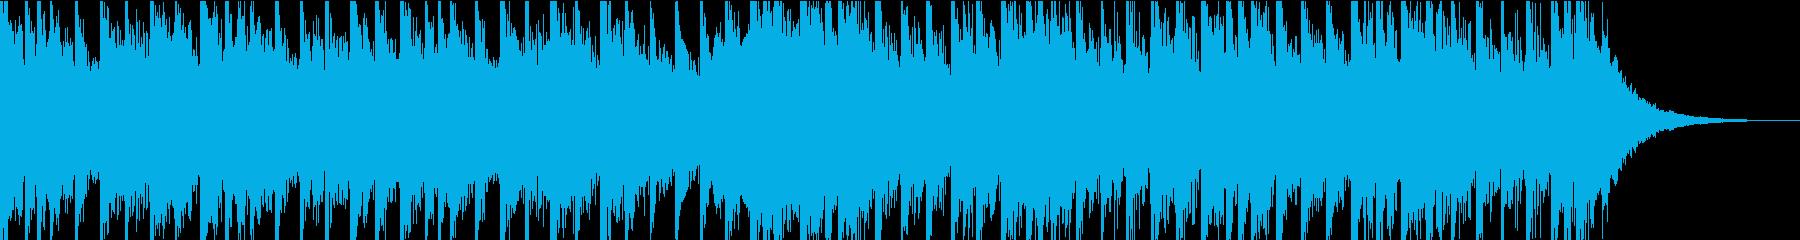 ティーン ポップ ロック コーポレ...の再生済みの波形